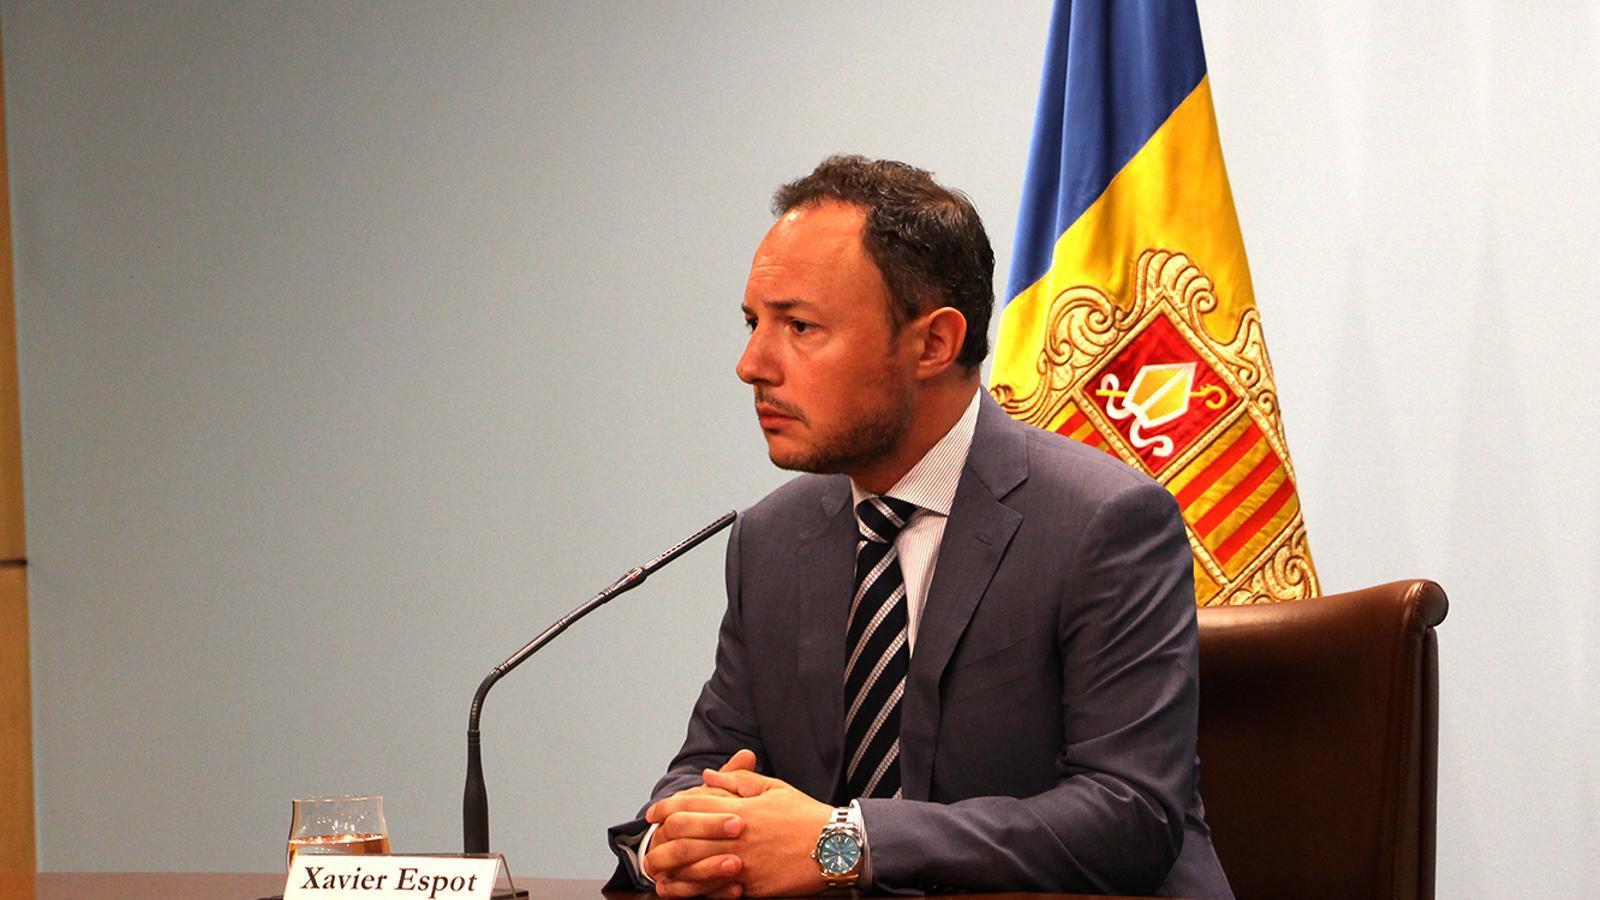 El cap de Govern, Xavier Espot, en la roda de premsa en què ha comunicat la decissió sobre el cessament de Chato. / M. F. (ANA)